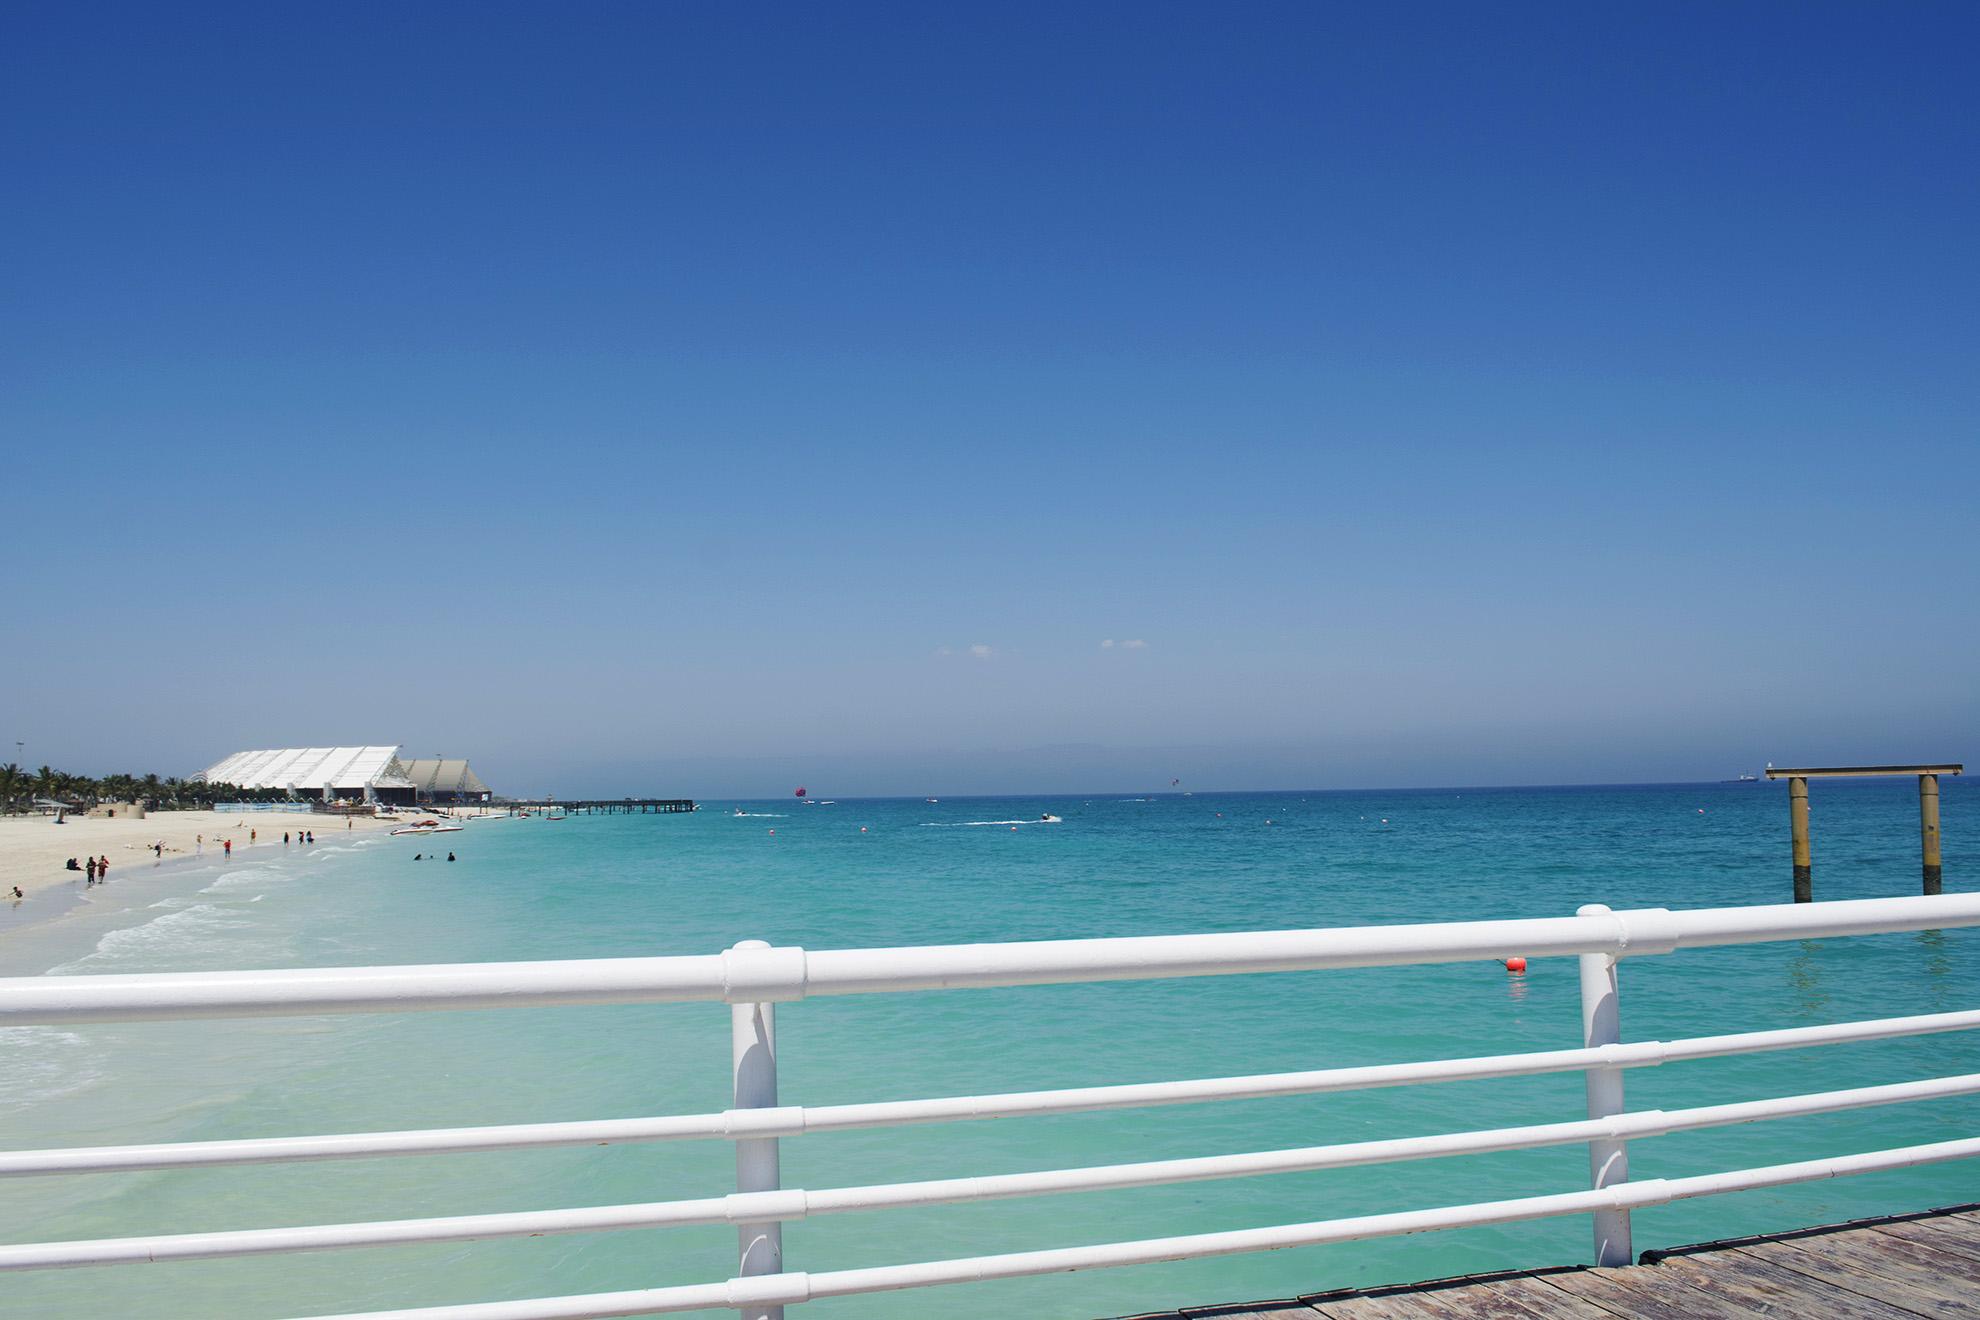 ساحل نقرهای کیش و آب زلال آن